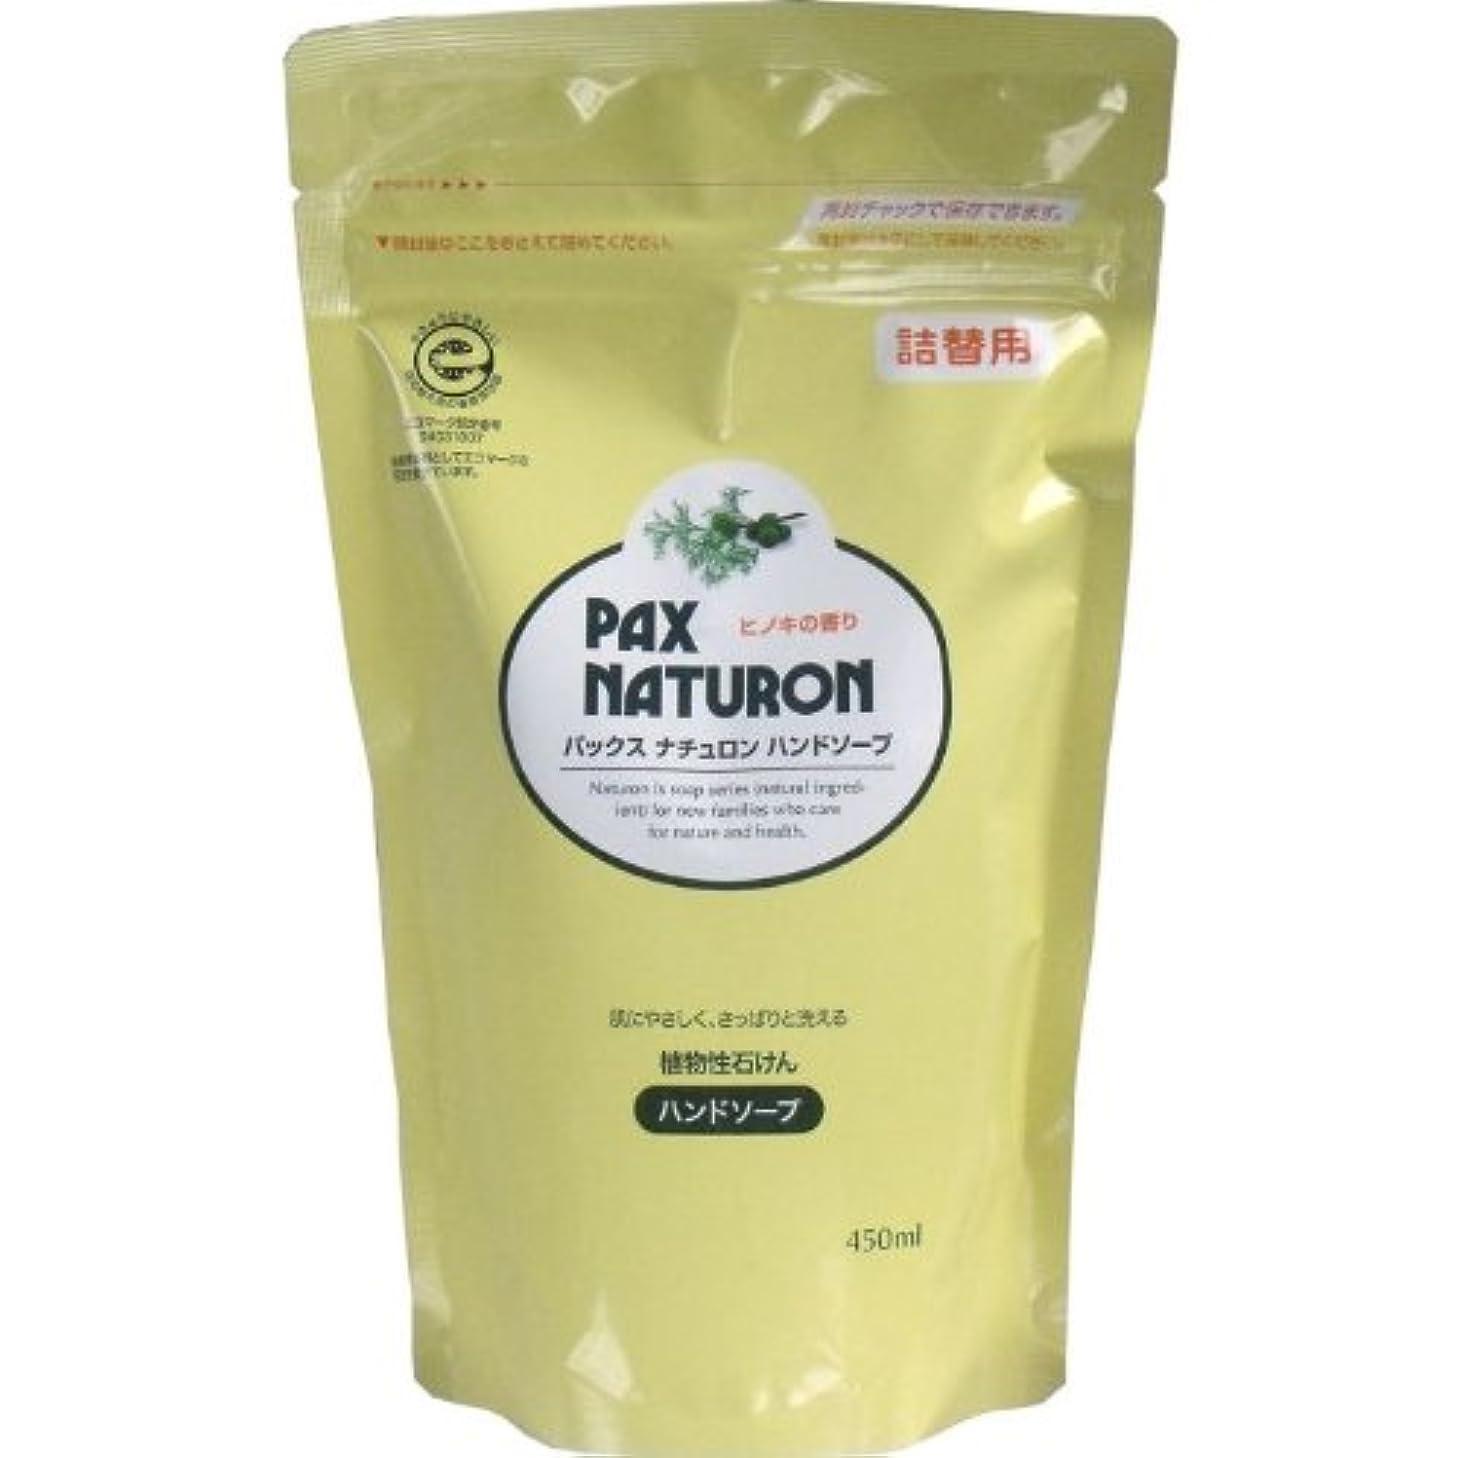 無線寄託出発する肌にやさしく、さっぱりと洗える植物性石けん!植物性ハンドソープ 詰替用 450mL【2個セット】